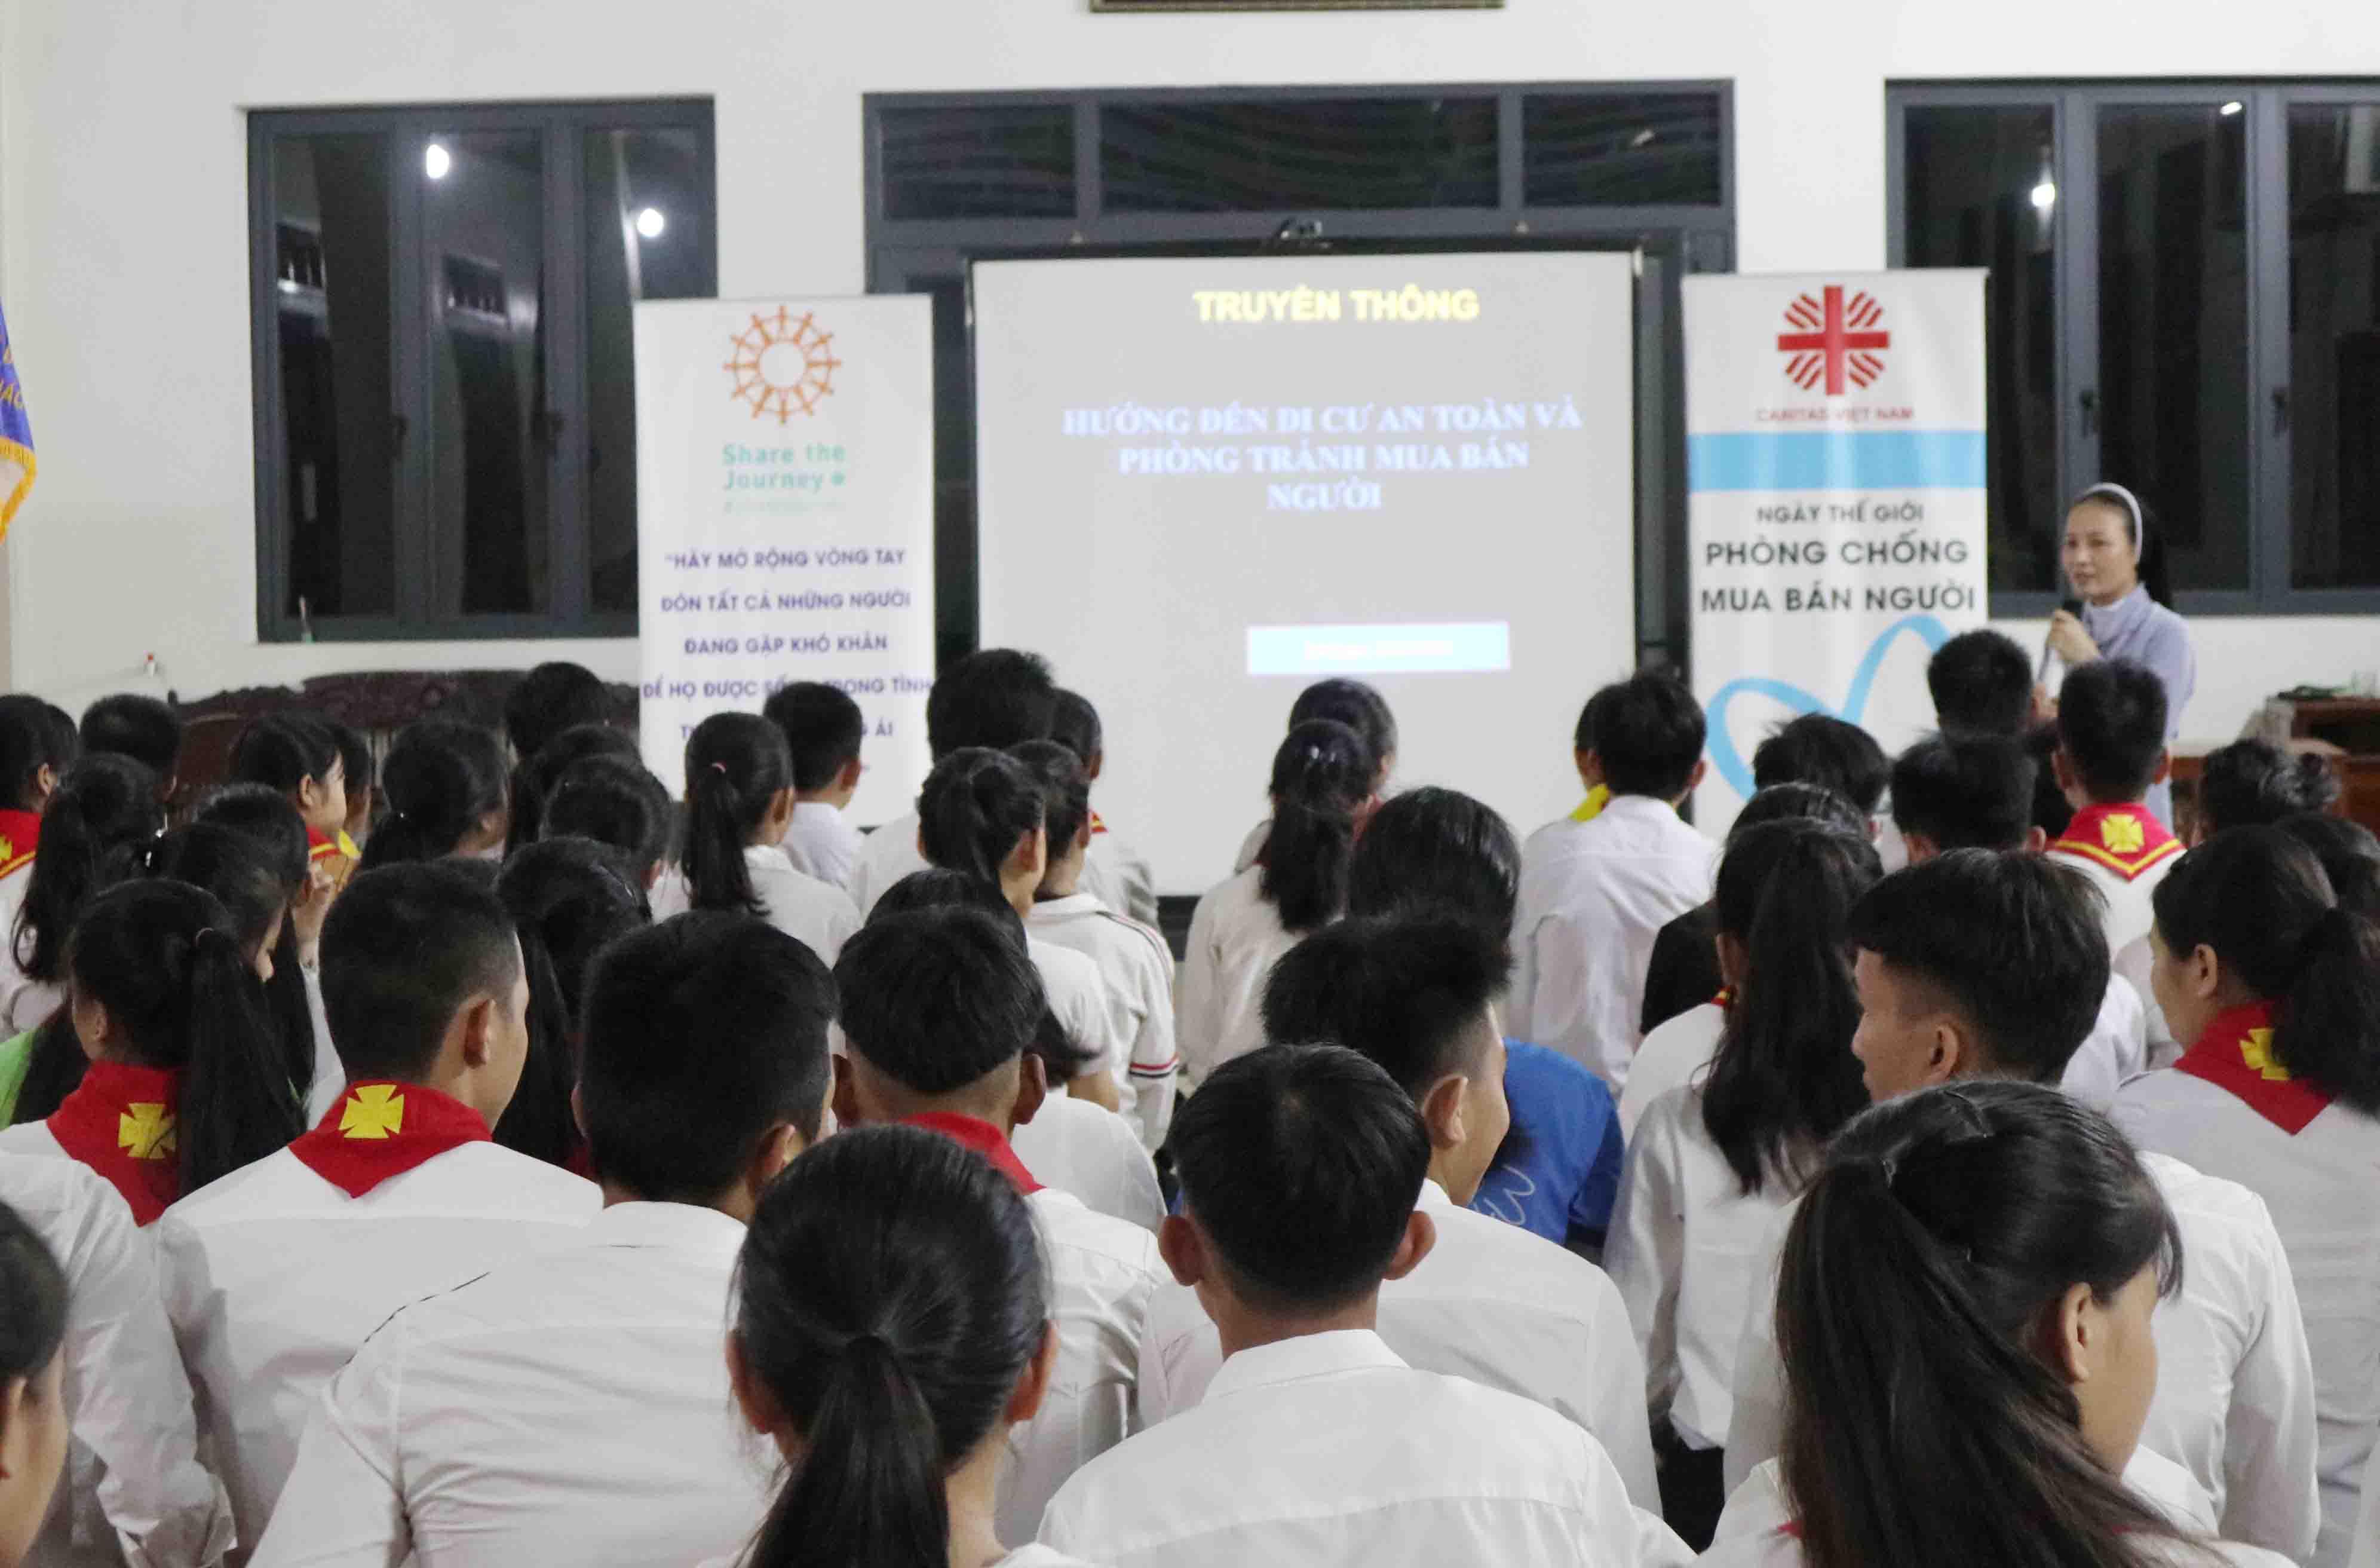 Caritas Vinh: Truyền thông phòng tránh buôn người